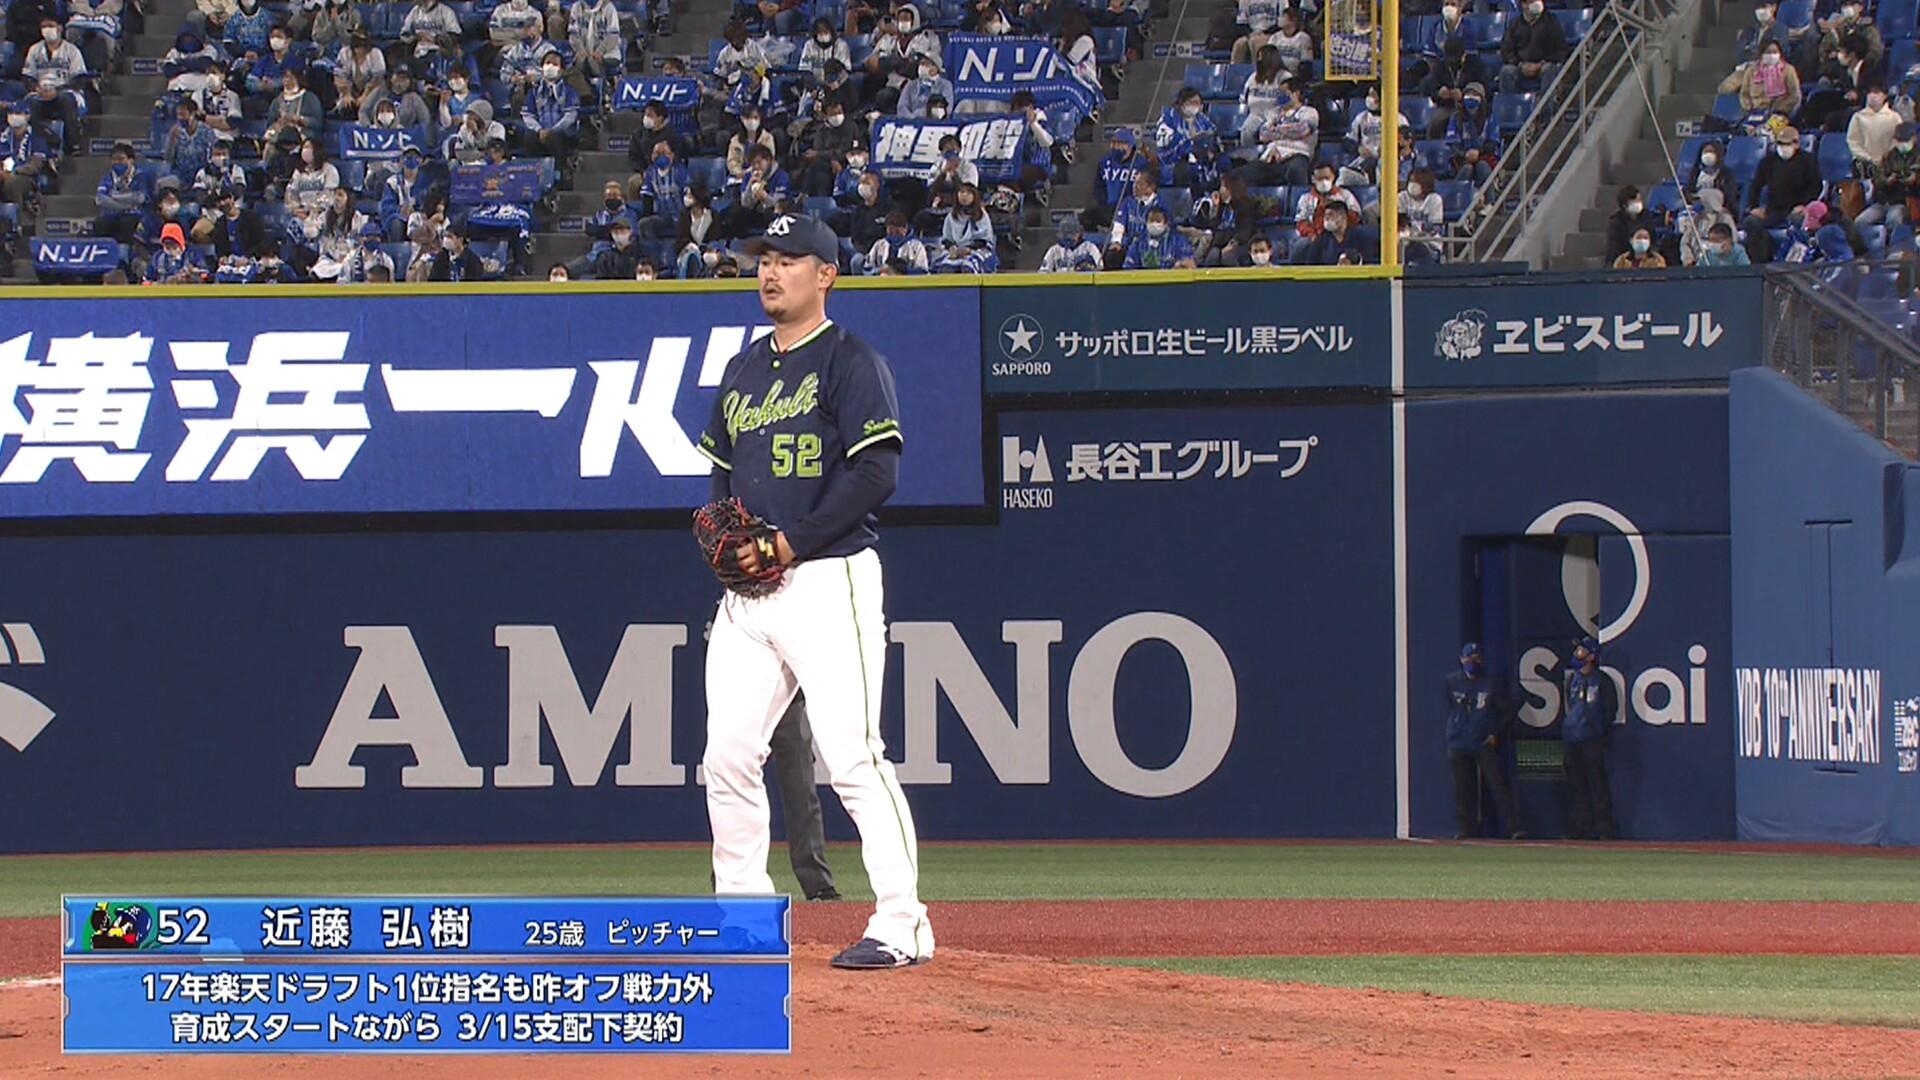 ヤクルト・近藤弘樹、154キロシュート! 15試合連続無失点